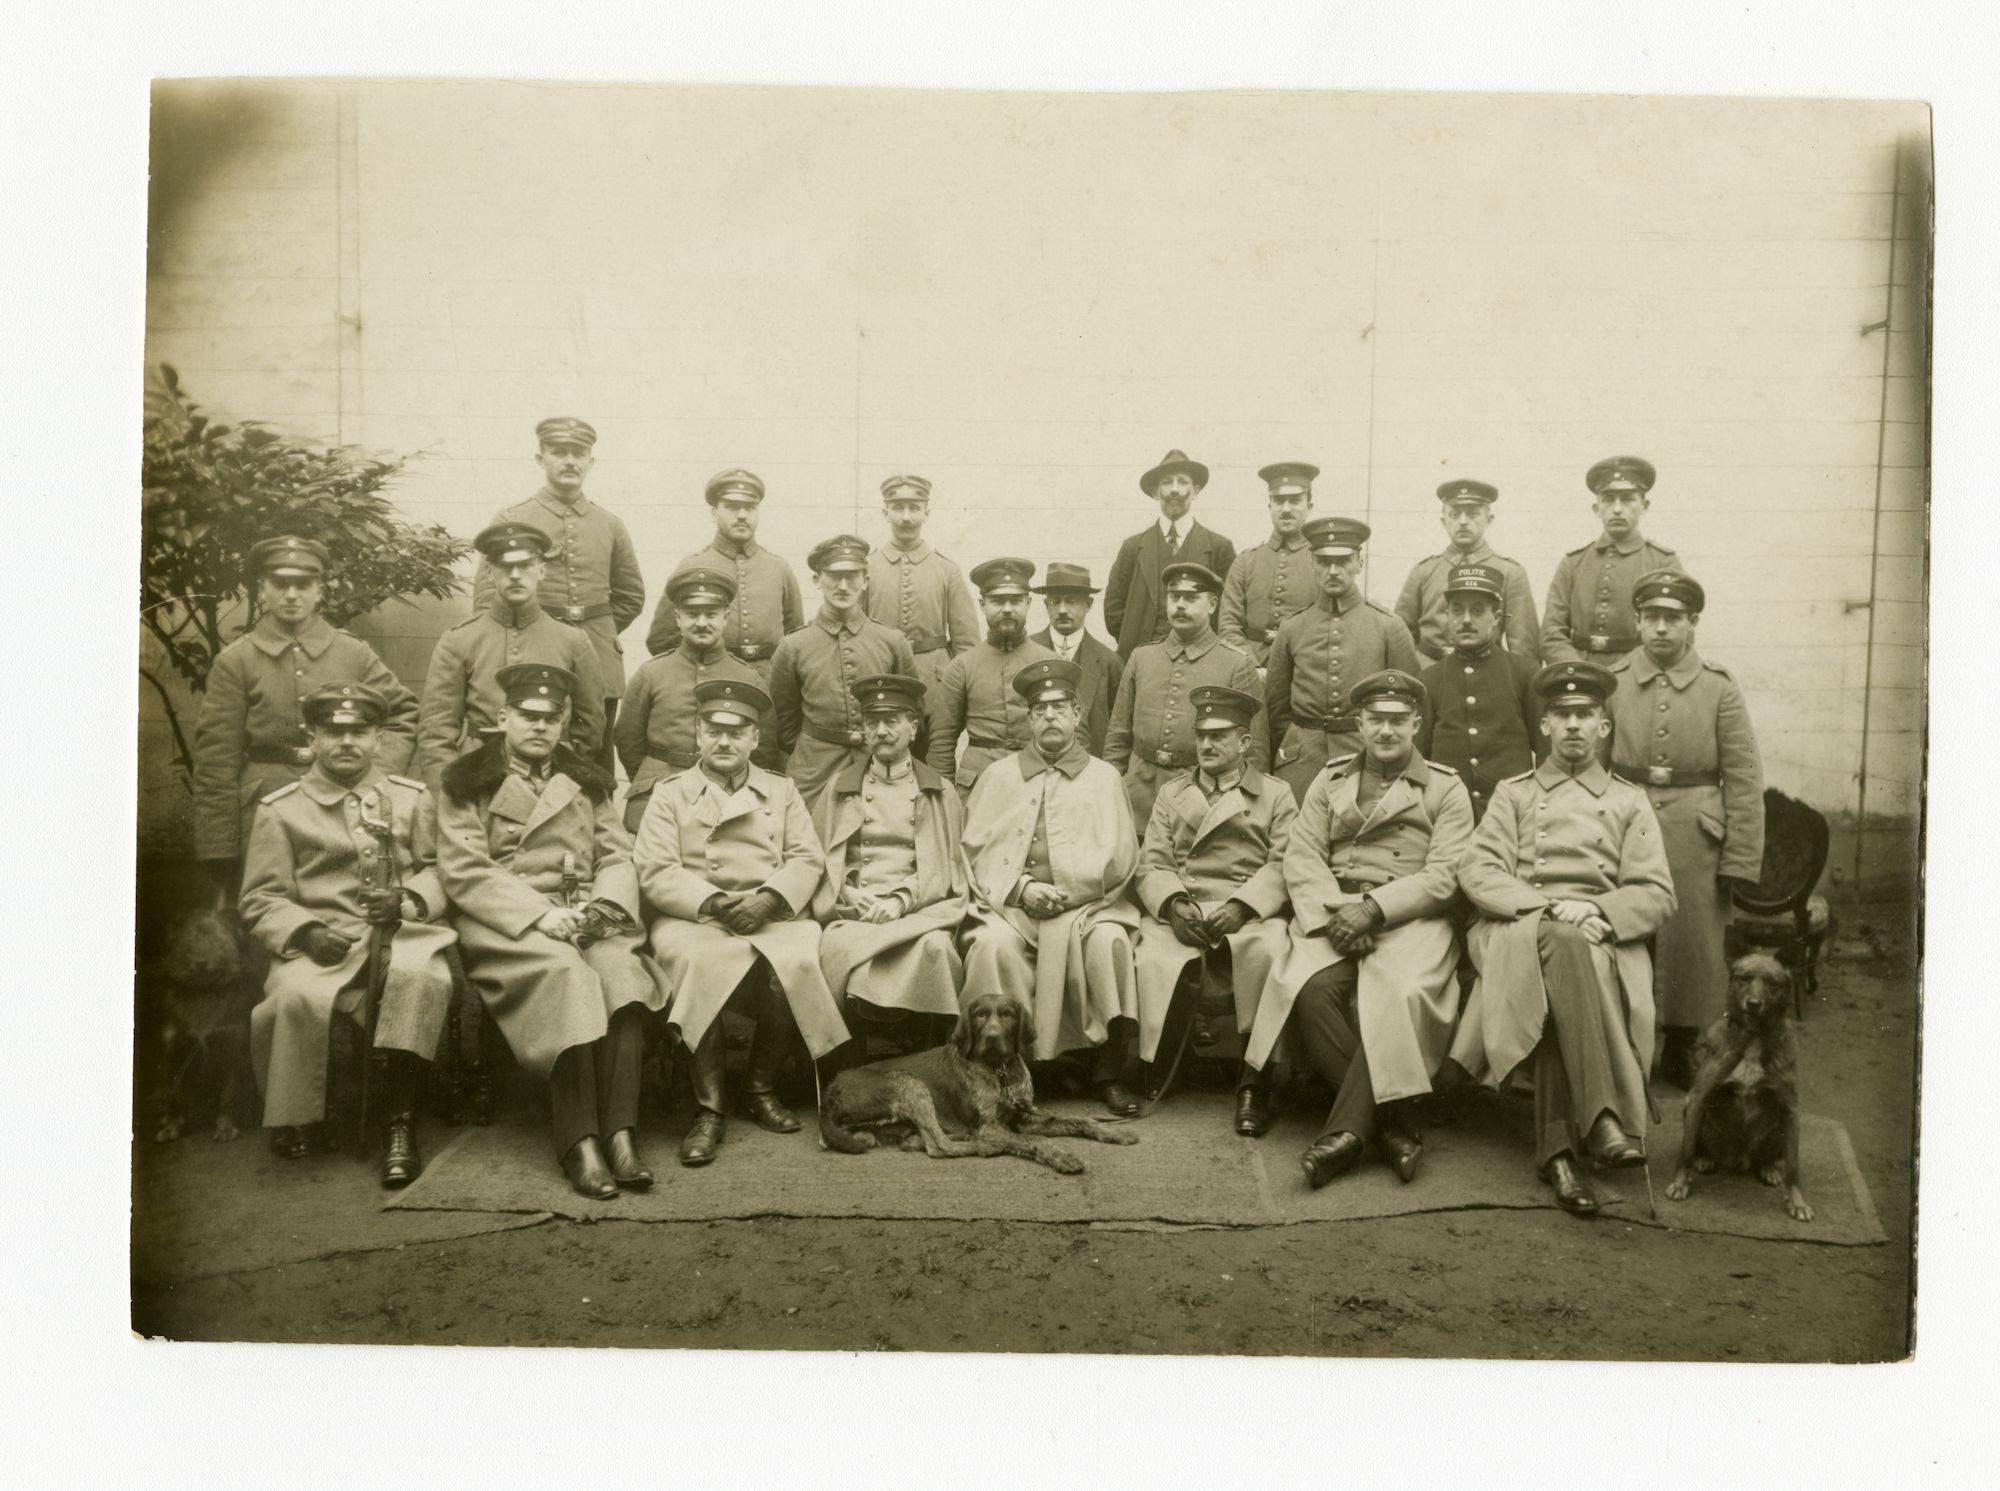 Gent: Vlasmarkt 12: Militärischer Polizei (Militaire Politie): groepsportret van de Chef (commissaris), officieren en ambtenaren, 1915-1916